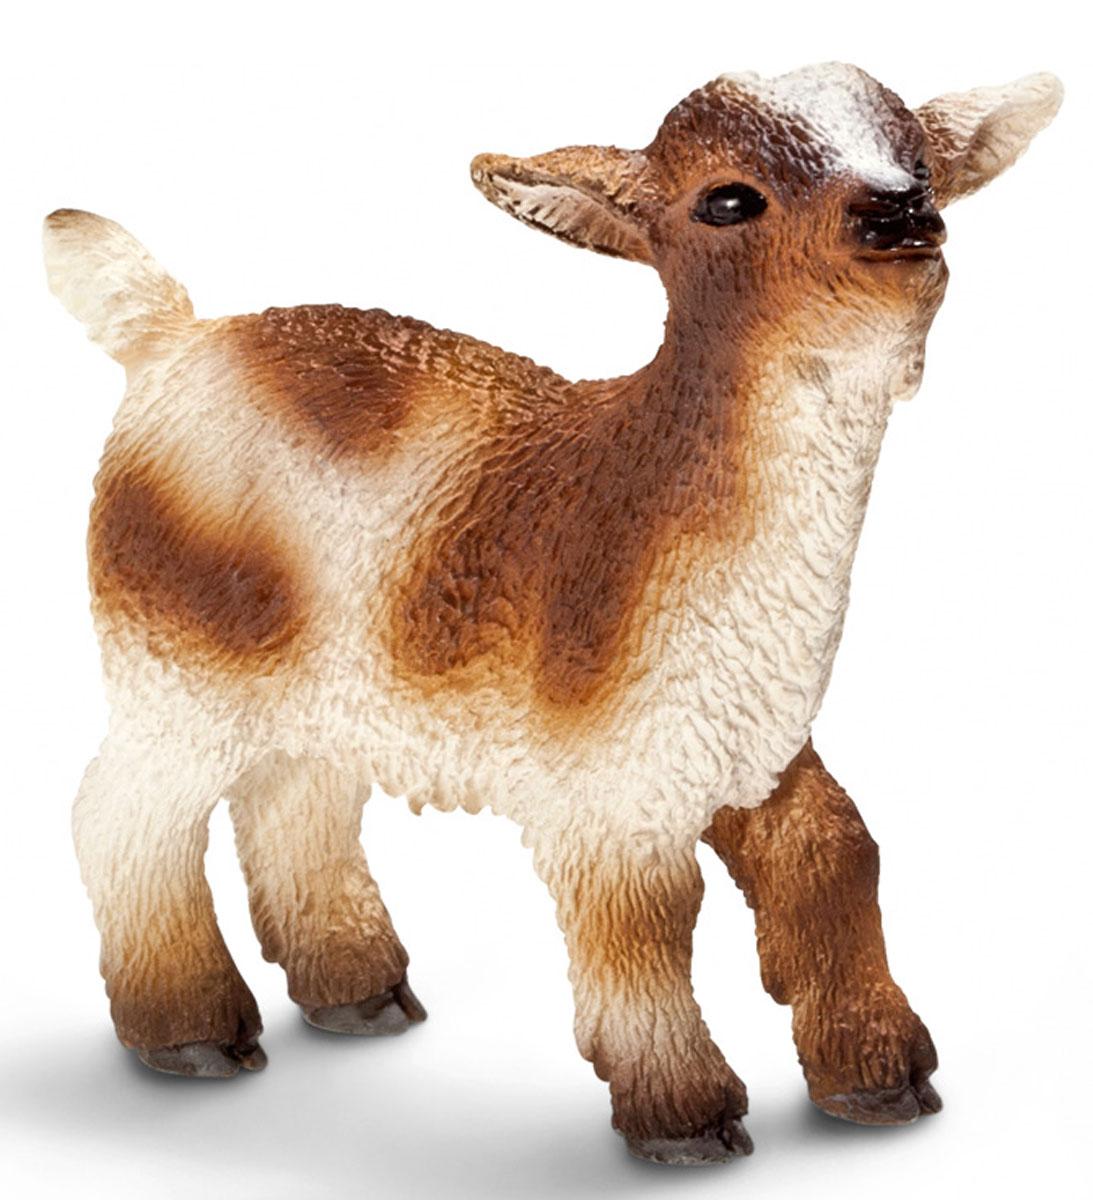 Schleich Фигурка Карликовый козел детеныш фигурка карликовый козел schleich фигурка карликовый козел